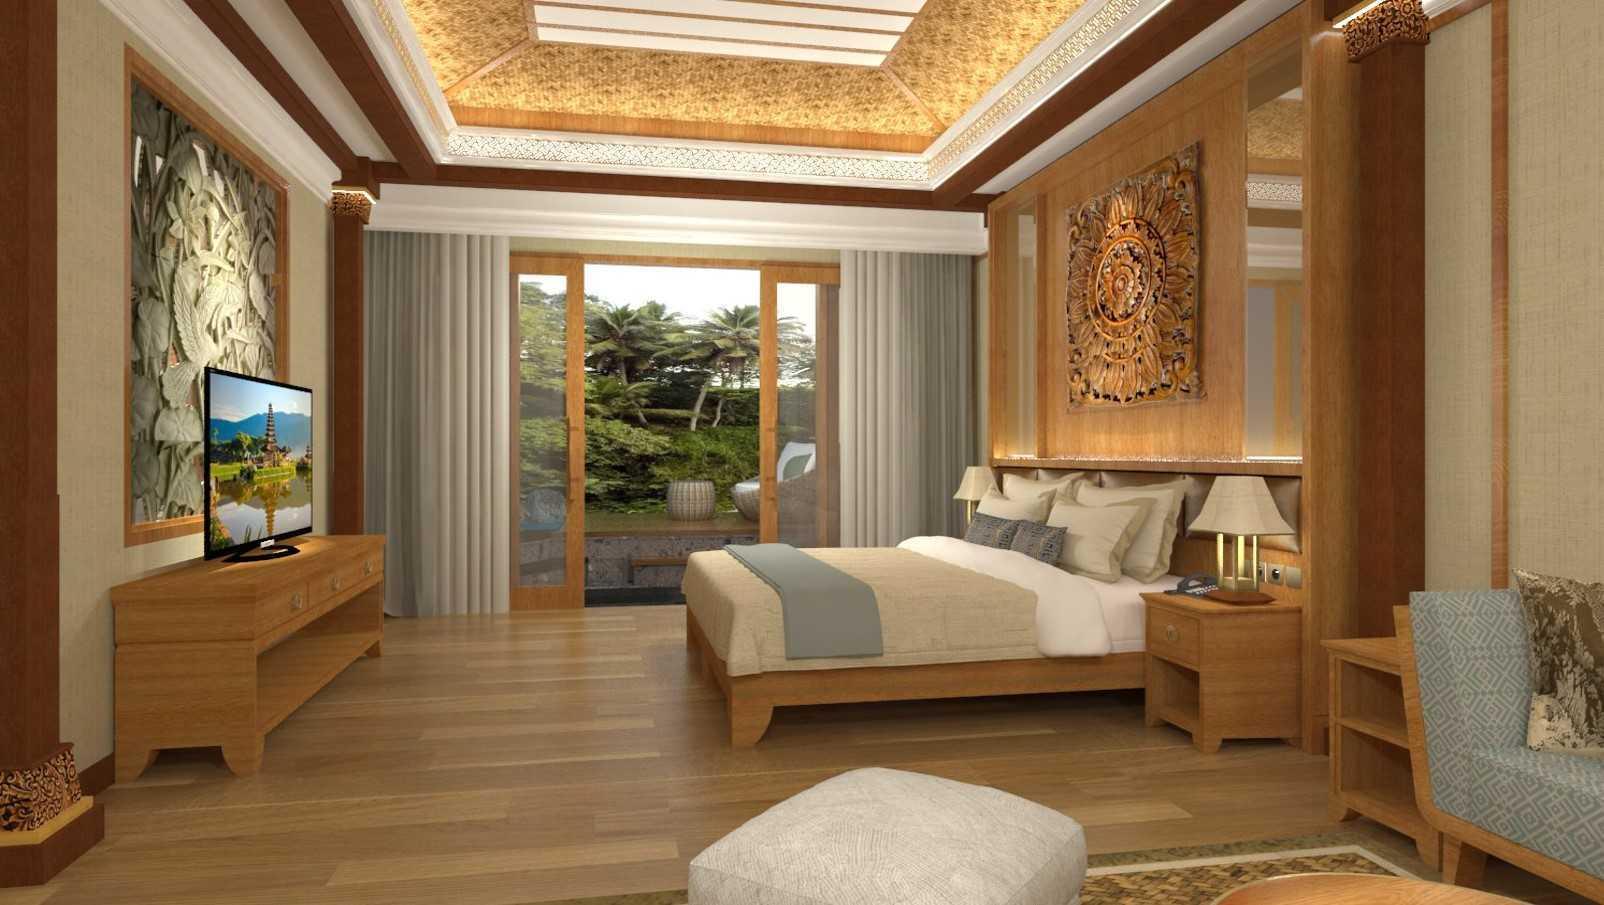 Daftar Interior Desainer Professional Terbaik Di Bali Untuk Bangun Maupun Renovasi Rumah Anda Arsitag